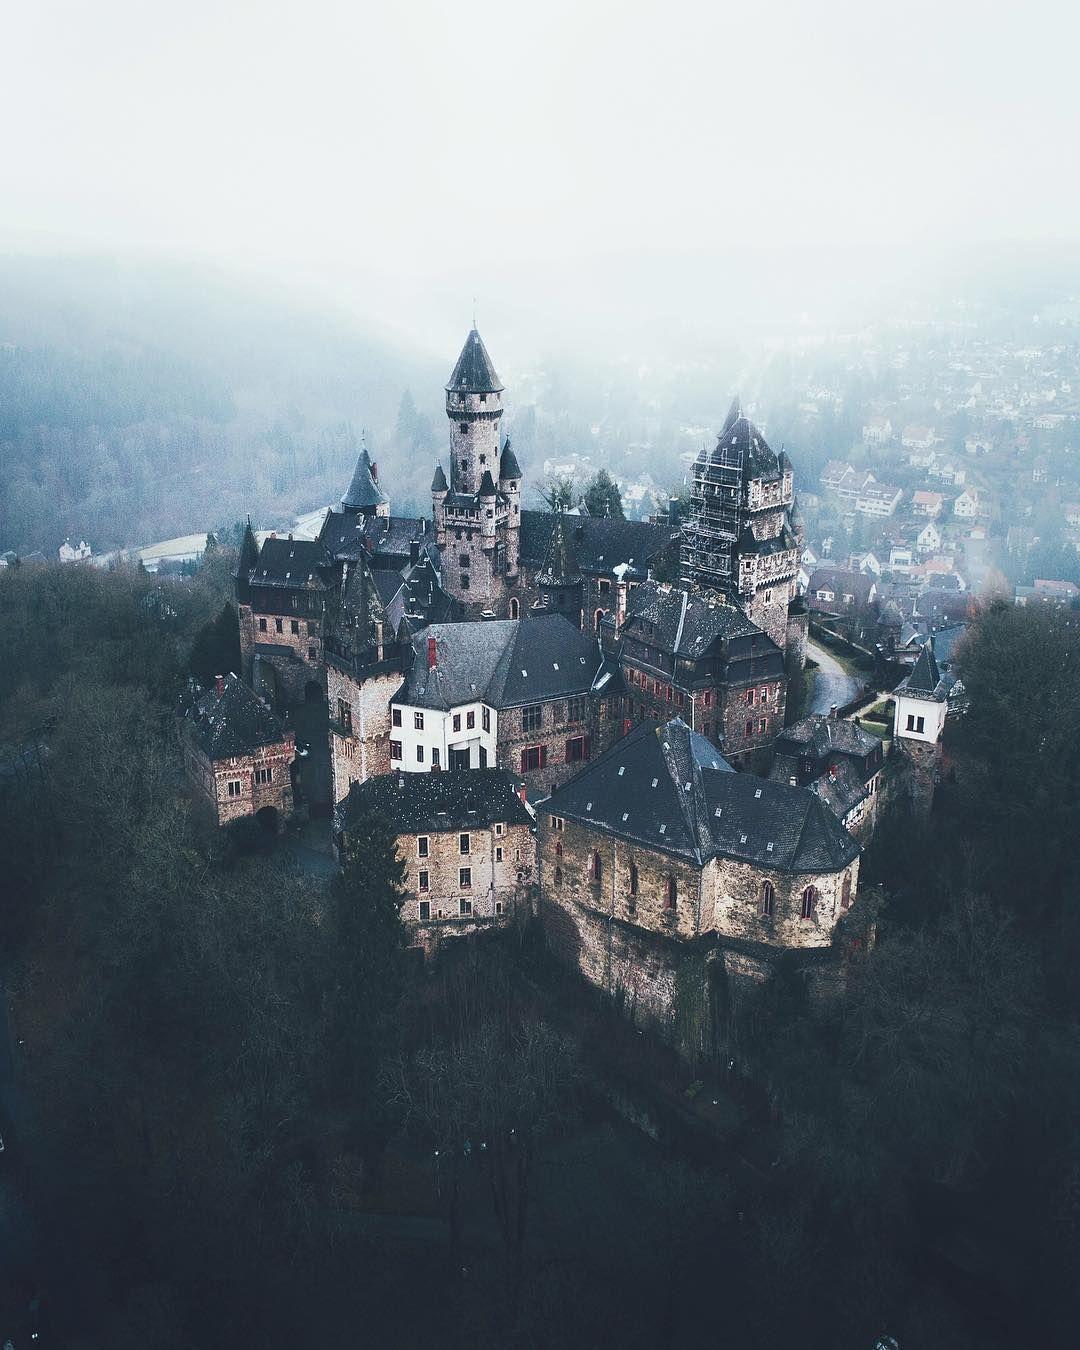 Deutschland ist einfach zauberhaft schön!